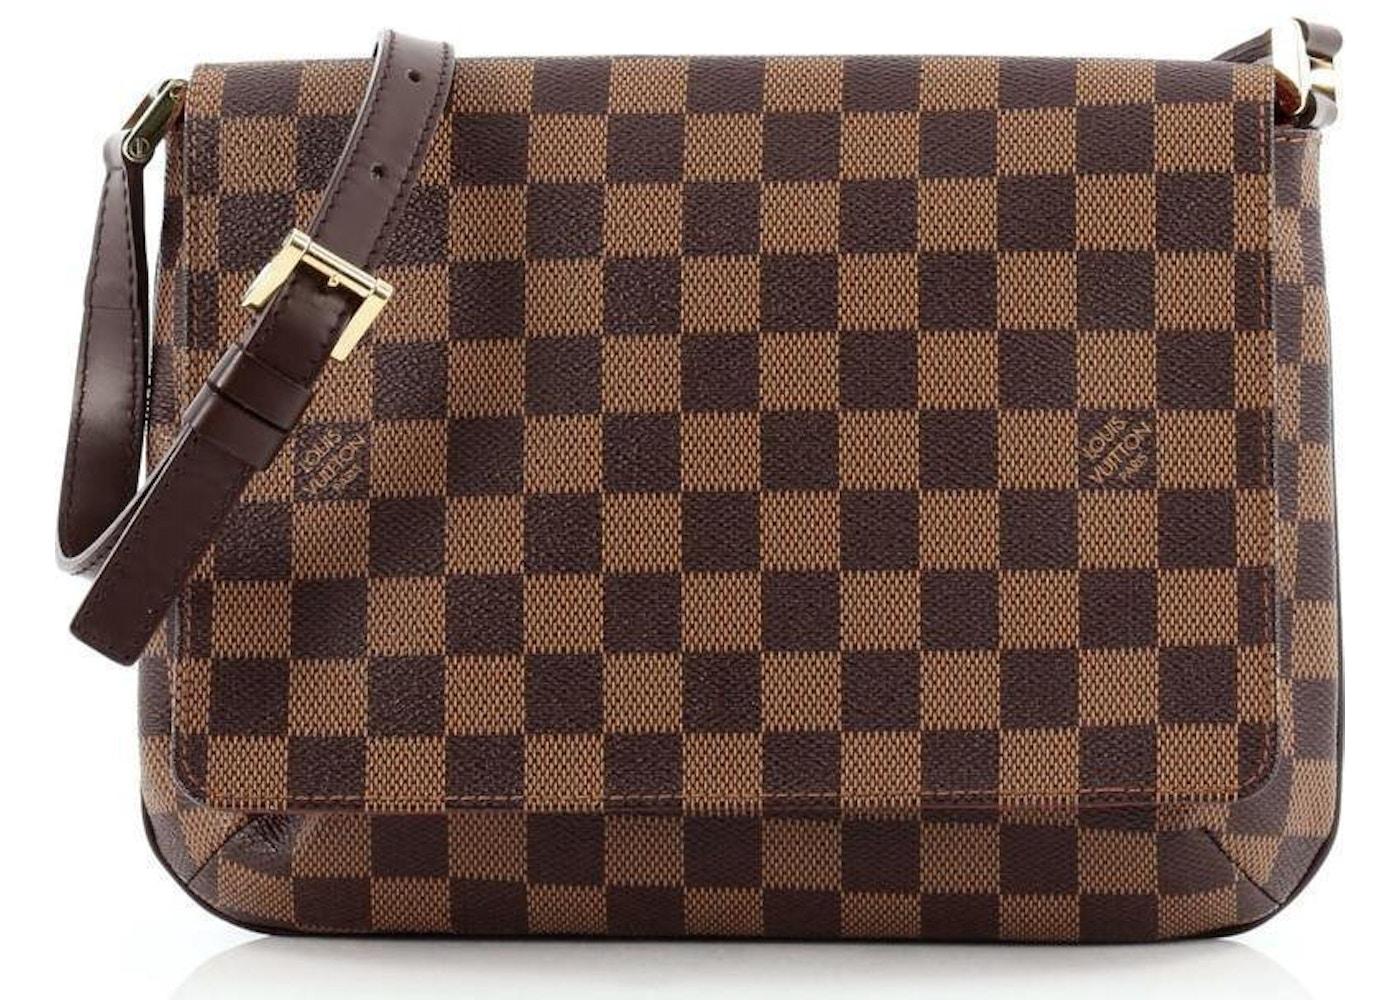 dfb8a9e6a6db Louis Vuitton Musette Tango Long Strap Damier Ebene Brown. Long Strap Damier  Ebene Brown